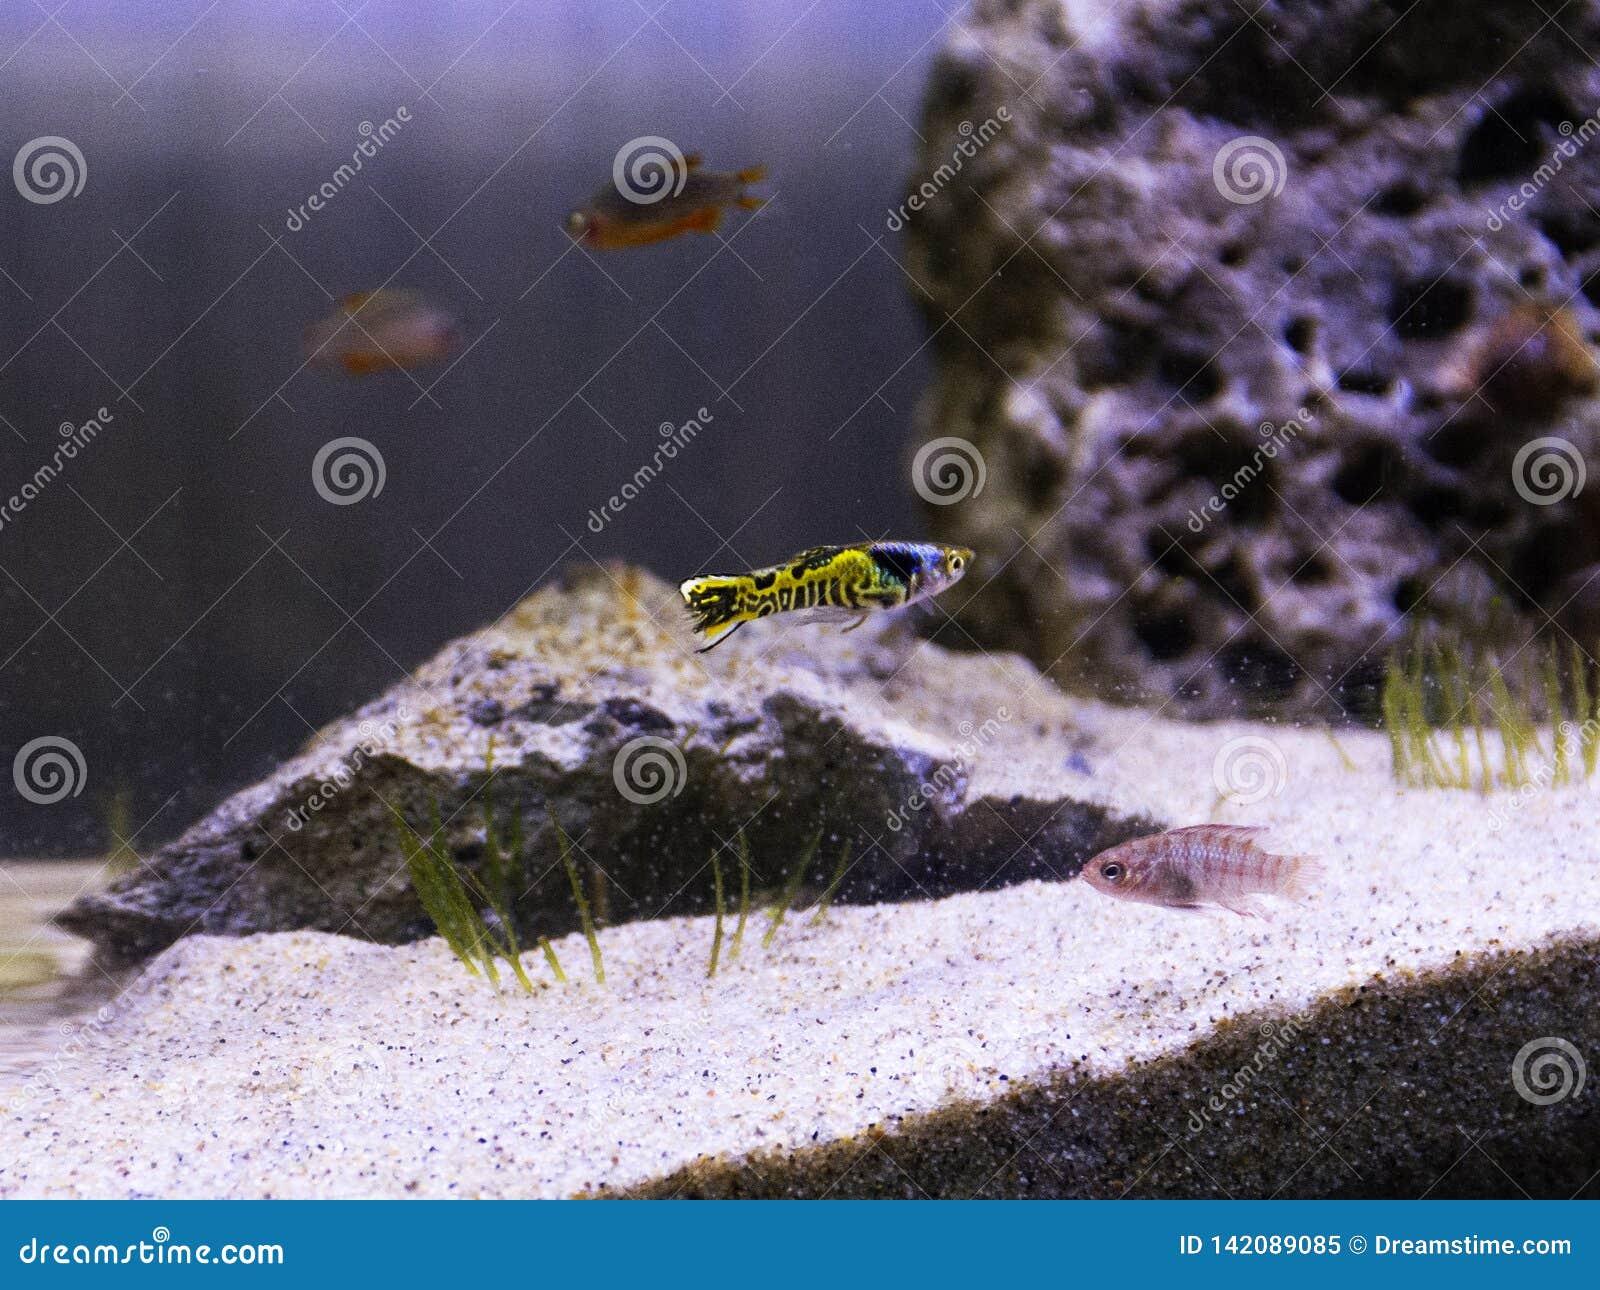 Metal Snakeskin guppy fish